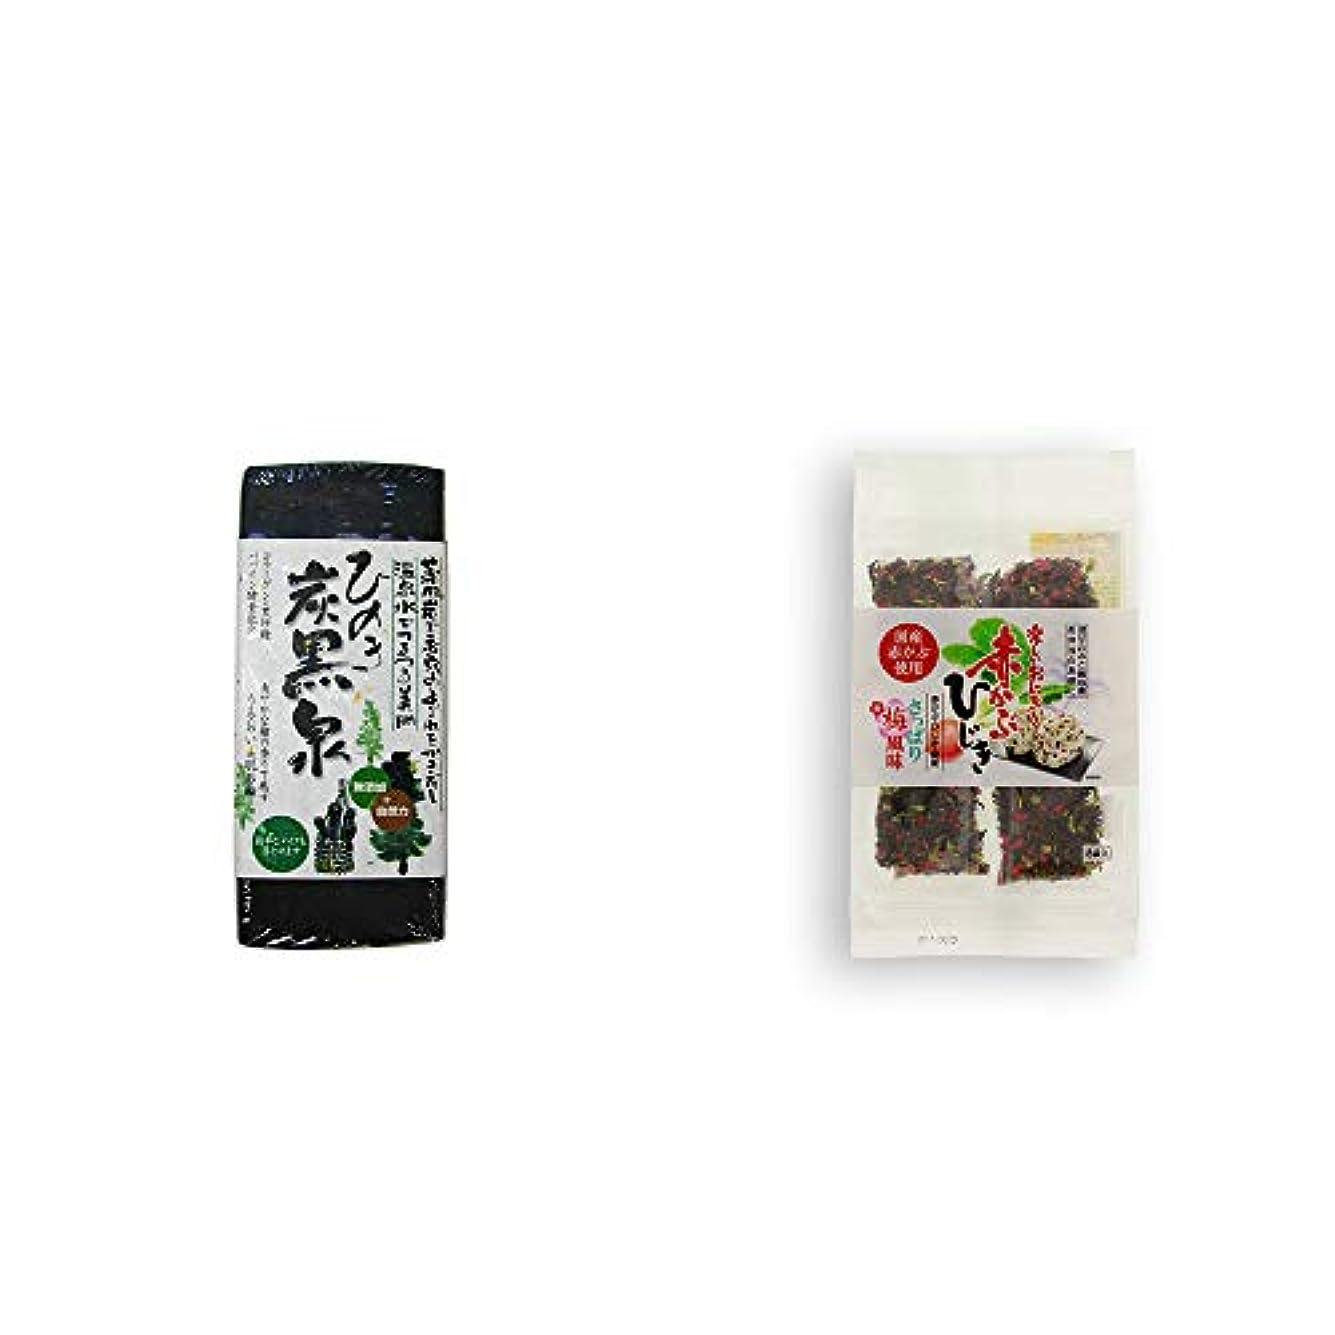 依存するラバしなやかな[2点セット] ひのき炭黒泉(75g×2)?楽しいおにぎり 赤かぶひじき(8g×8袋)